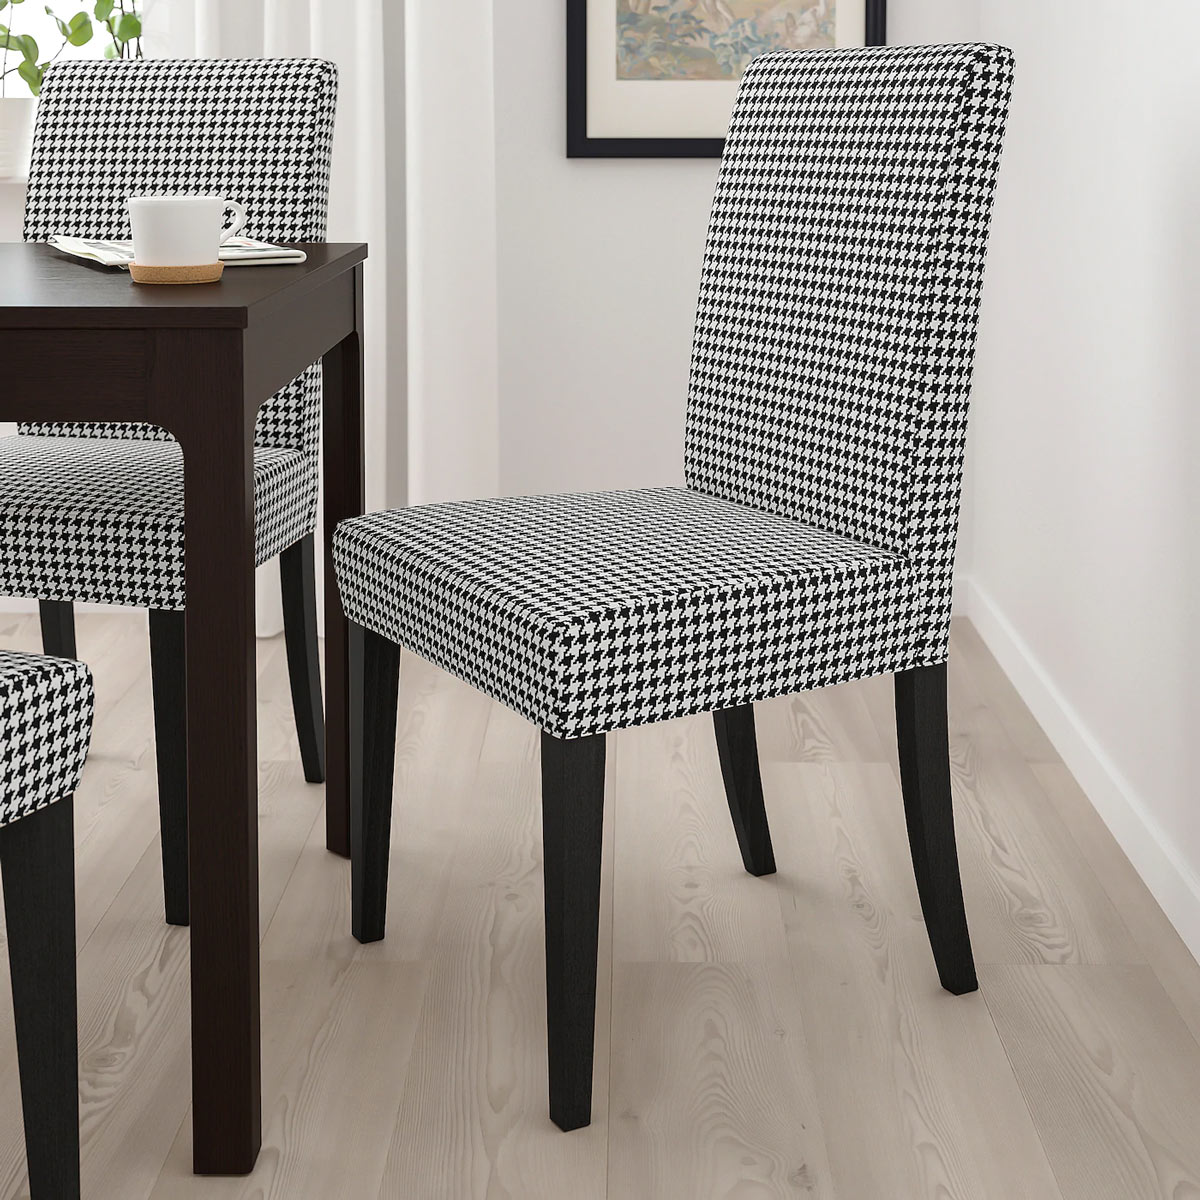 la sedia HENRIKSDAL, primavera catalogo IKEA